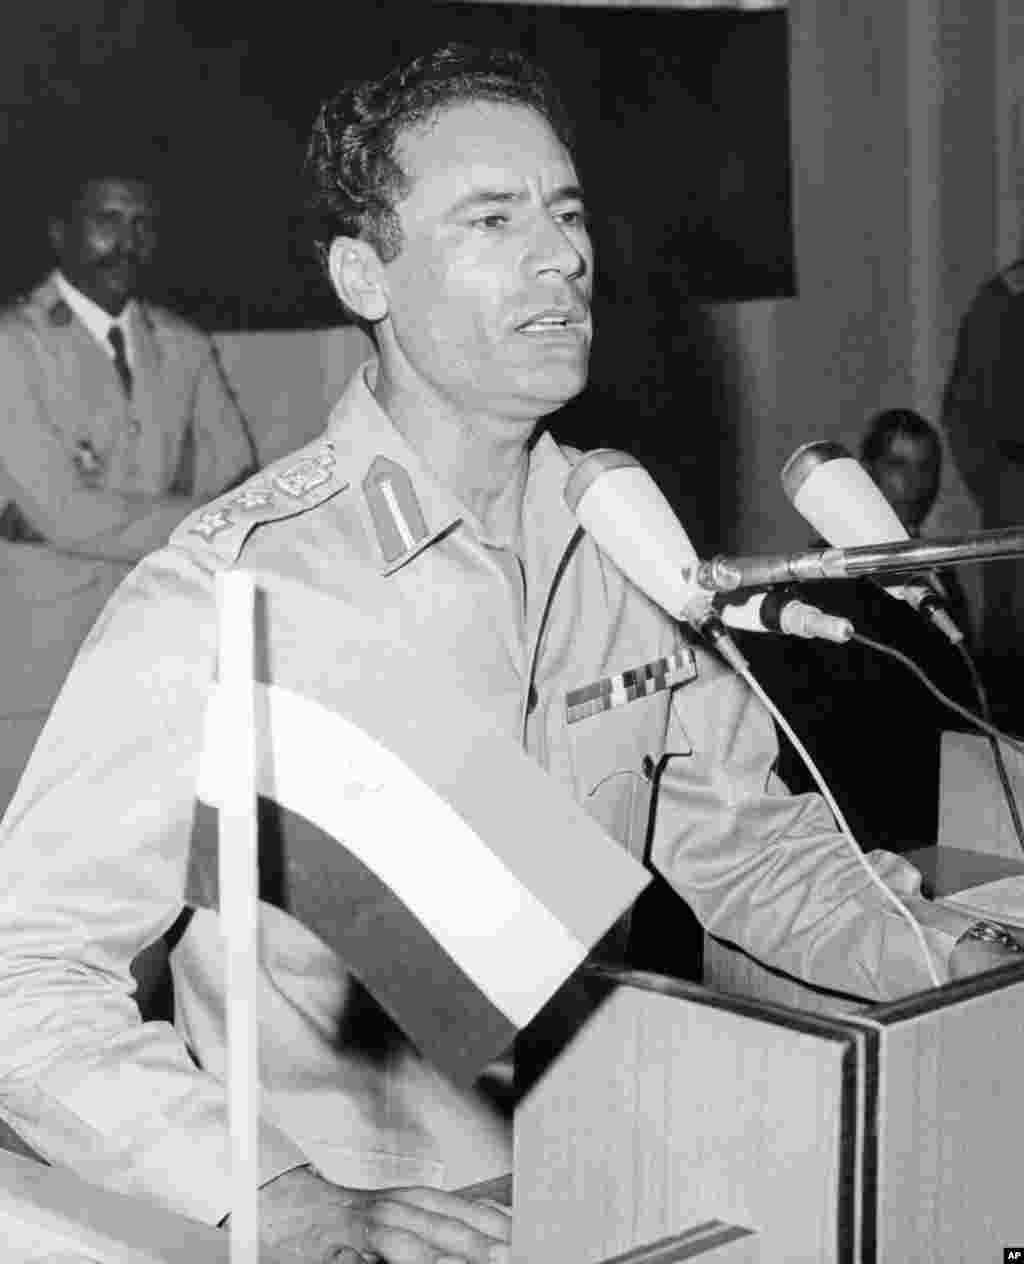 """利比亚国家元首卡扎菲上校生于1942年,1963年组建被称作""""自由军官运动""""的革命军官组织。该组织于1969年9月1日推翻了利比亚国王伊德国里斯一世(Idris),并以""""自由、社会主义和团结的""""名义宣布成立了""""大阿拉伯利比亚人民社会主义民众国""""。(法新社)"""